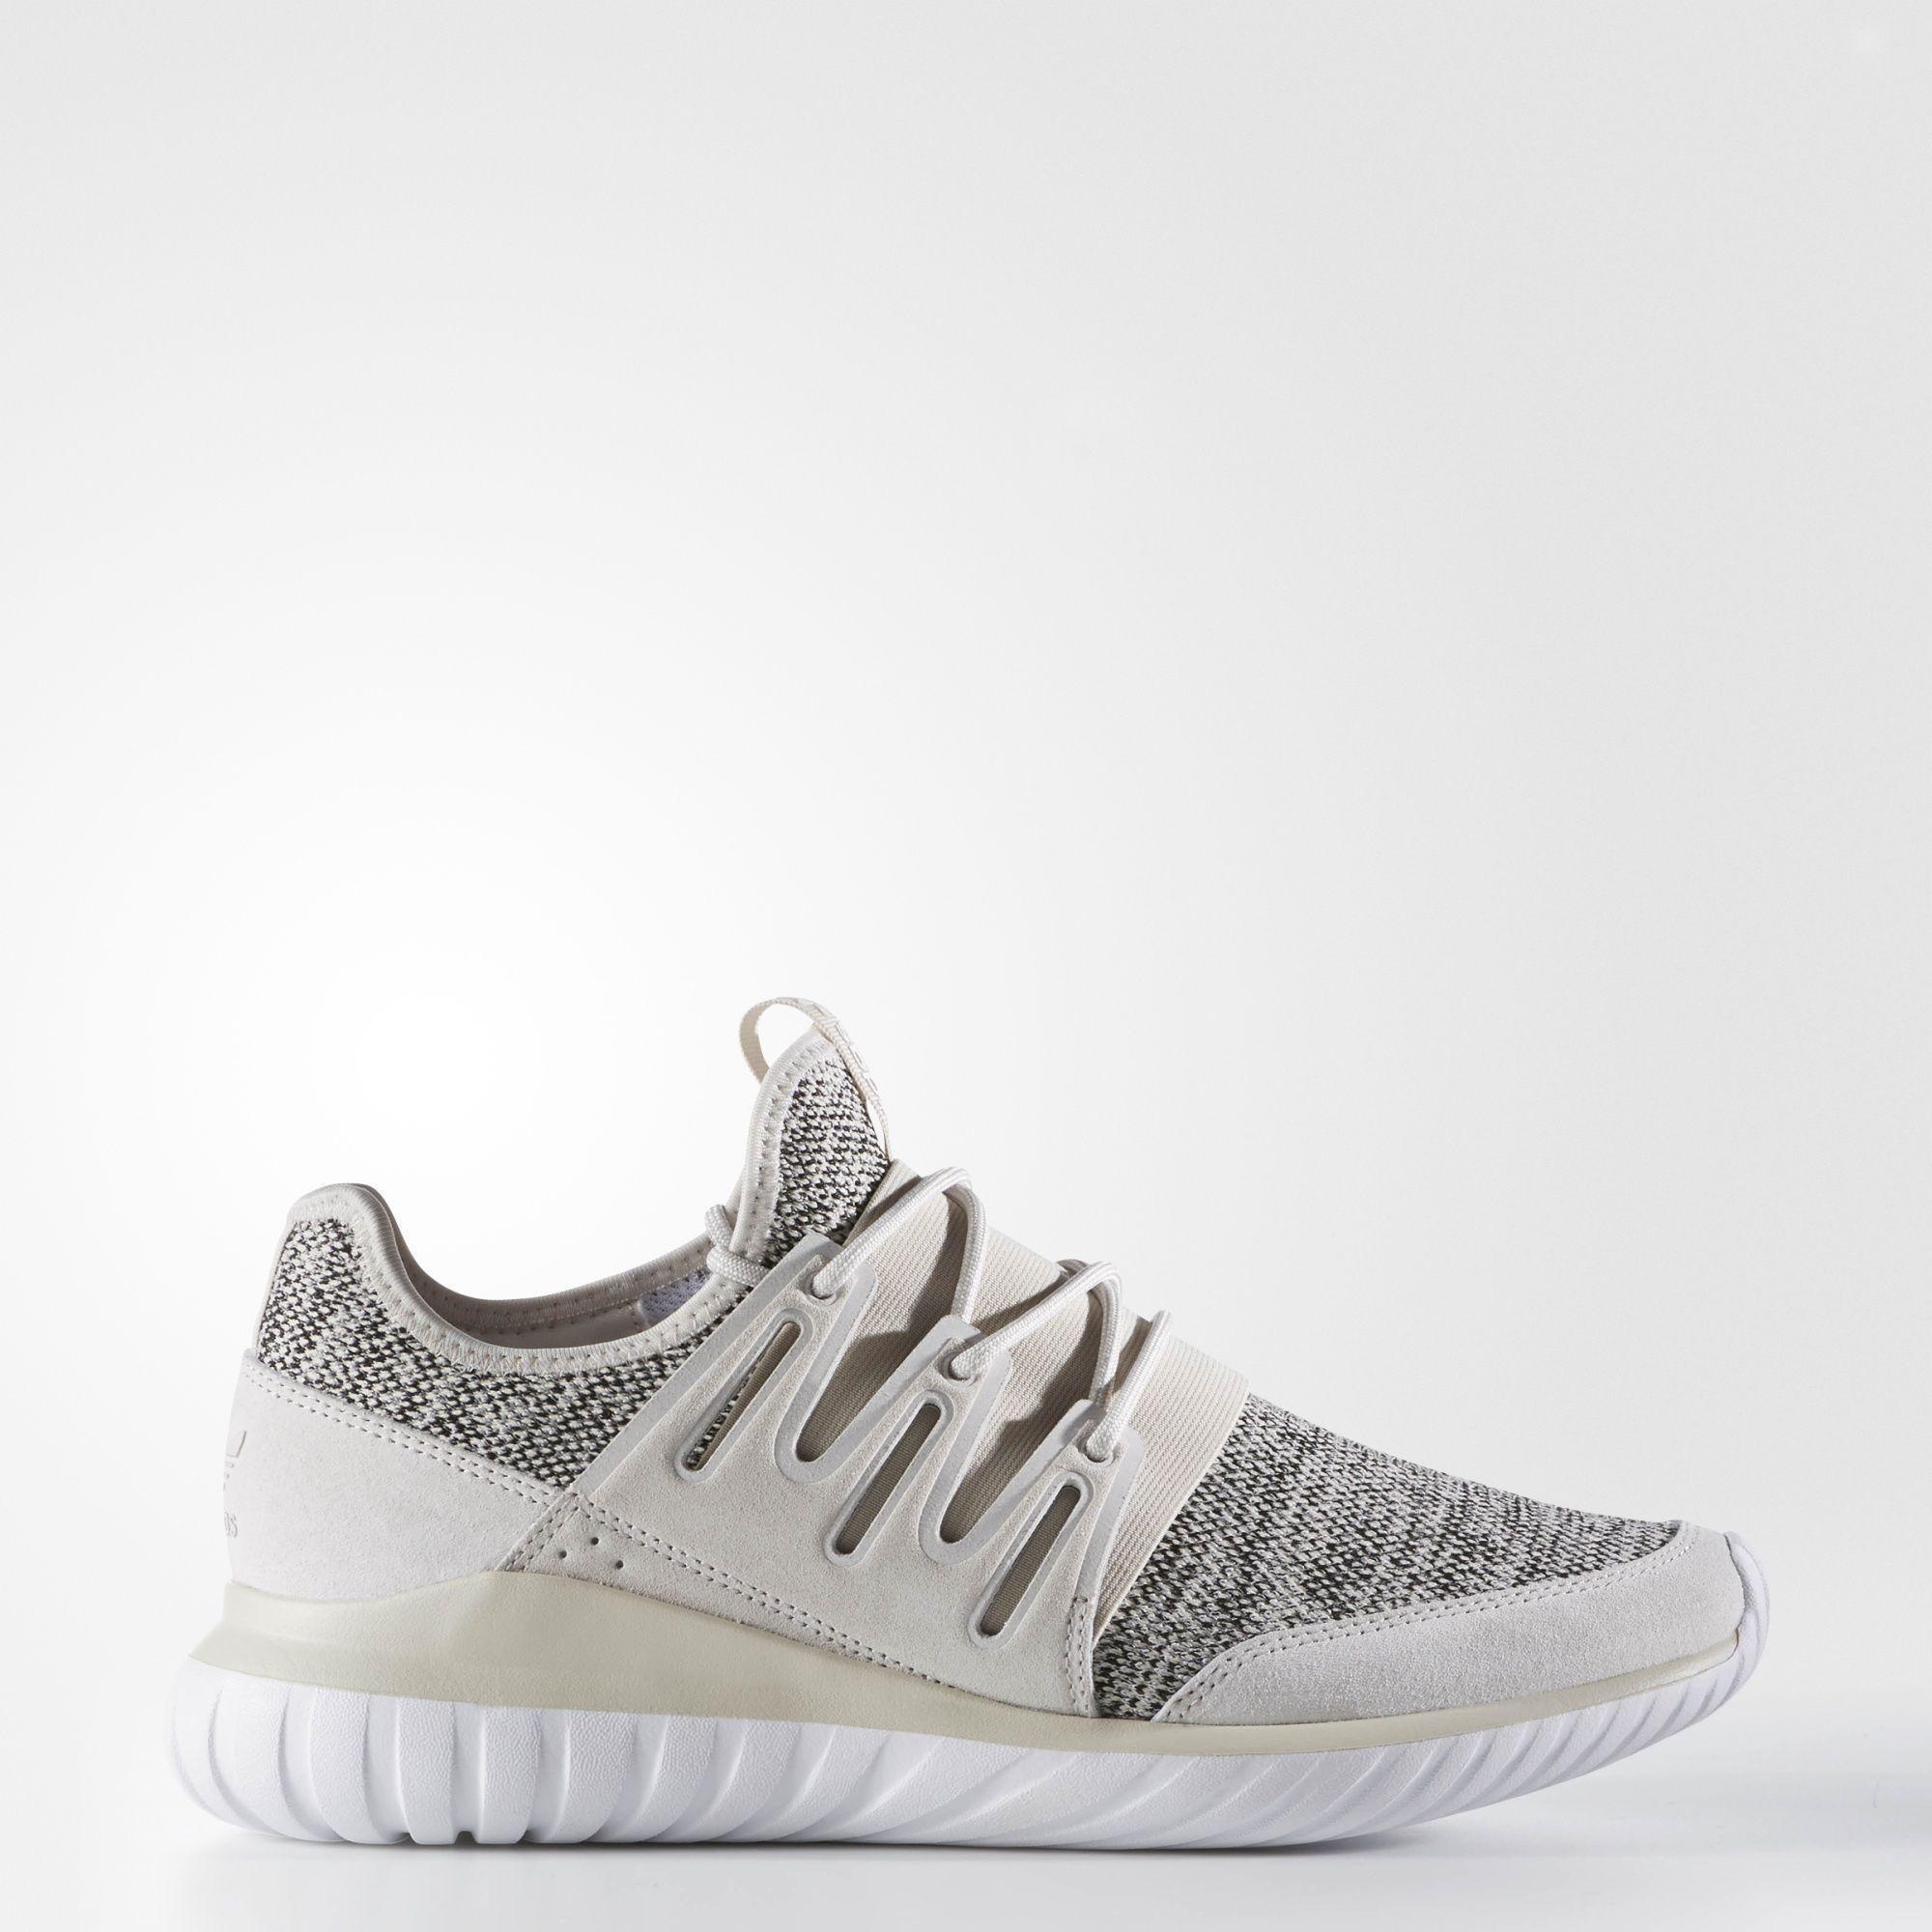 adidas - Tubular Radial Shoes | Tubular shoes, Adidas ...